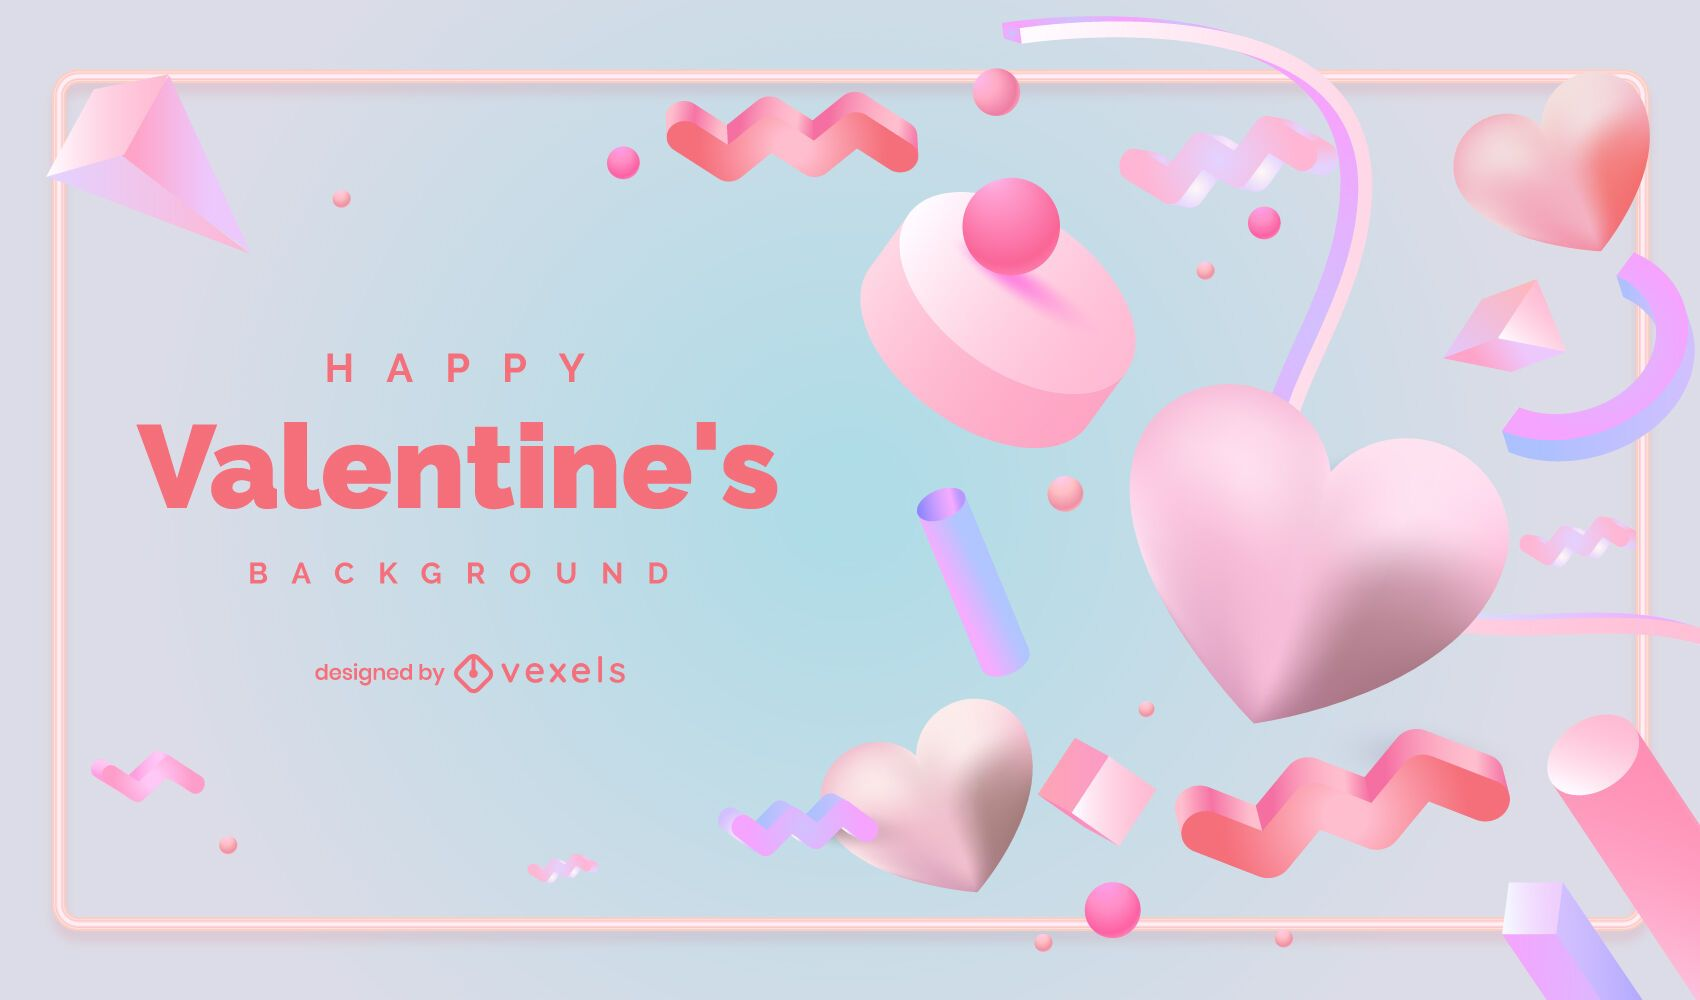 Valentine's day background design